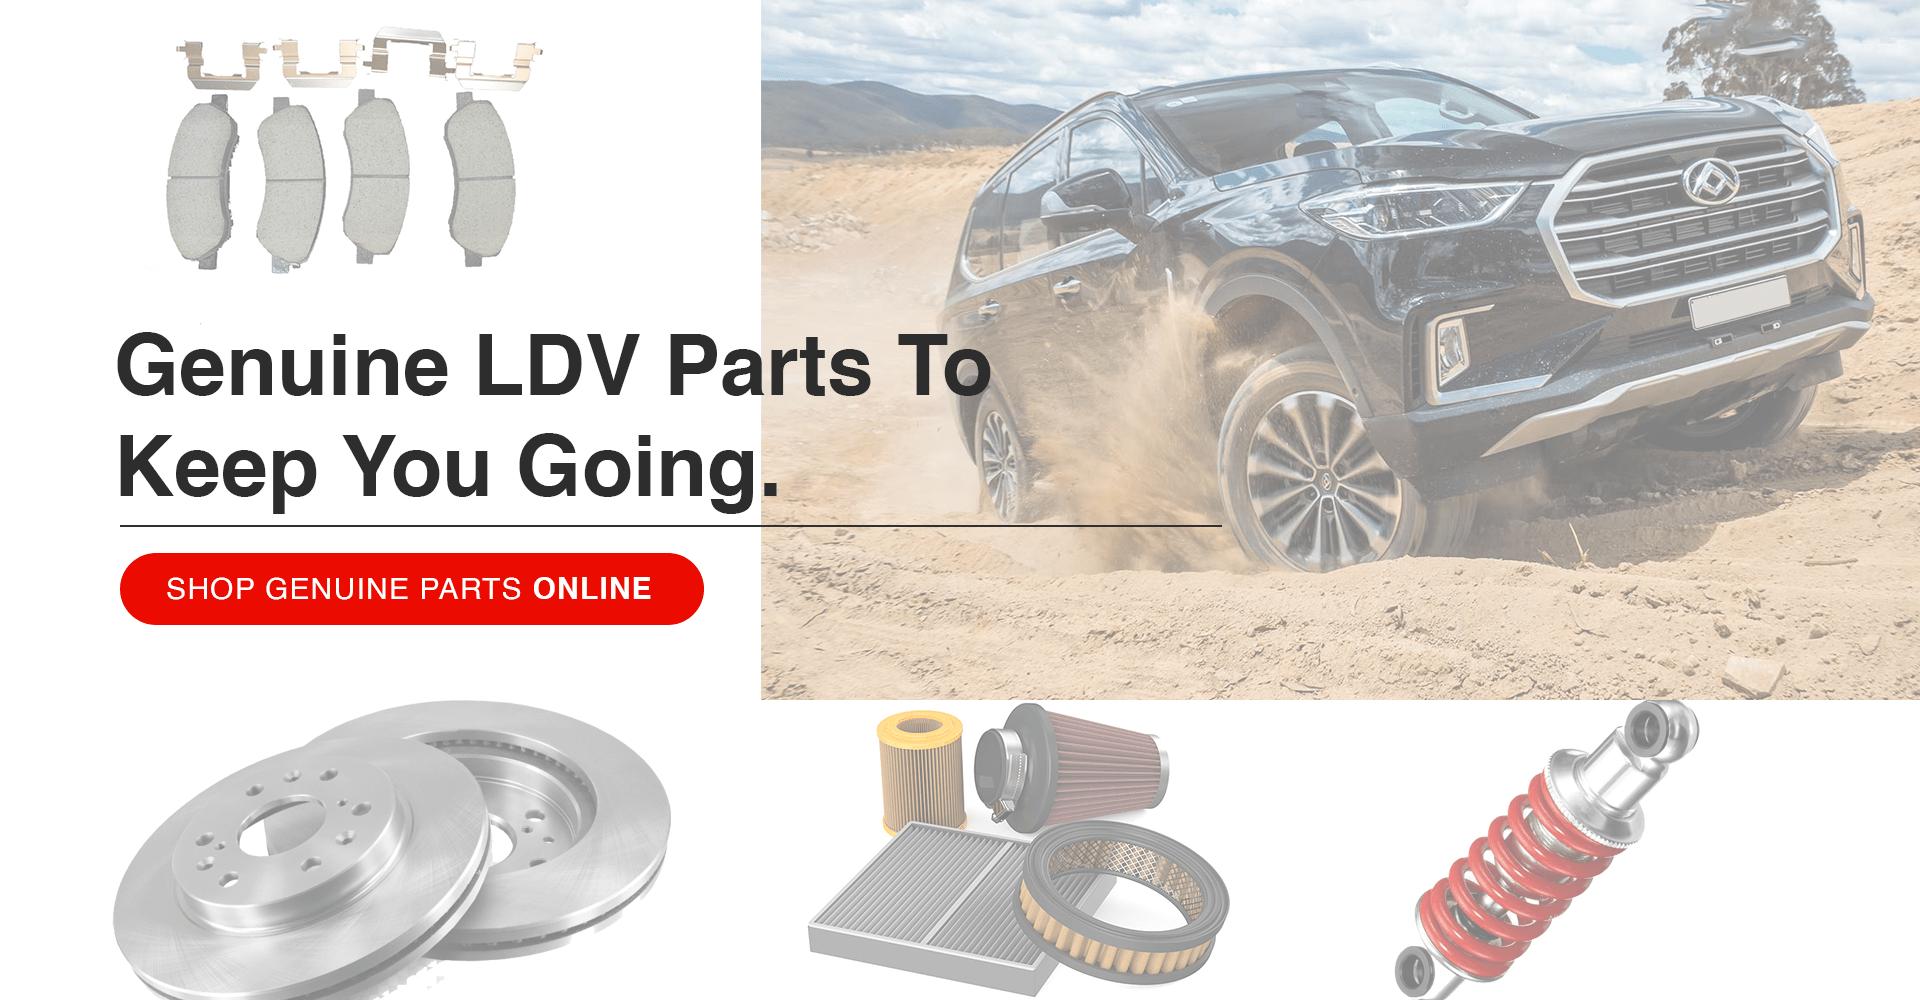 LDV_Genuine_Parts_Accessories